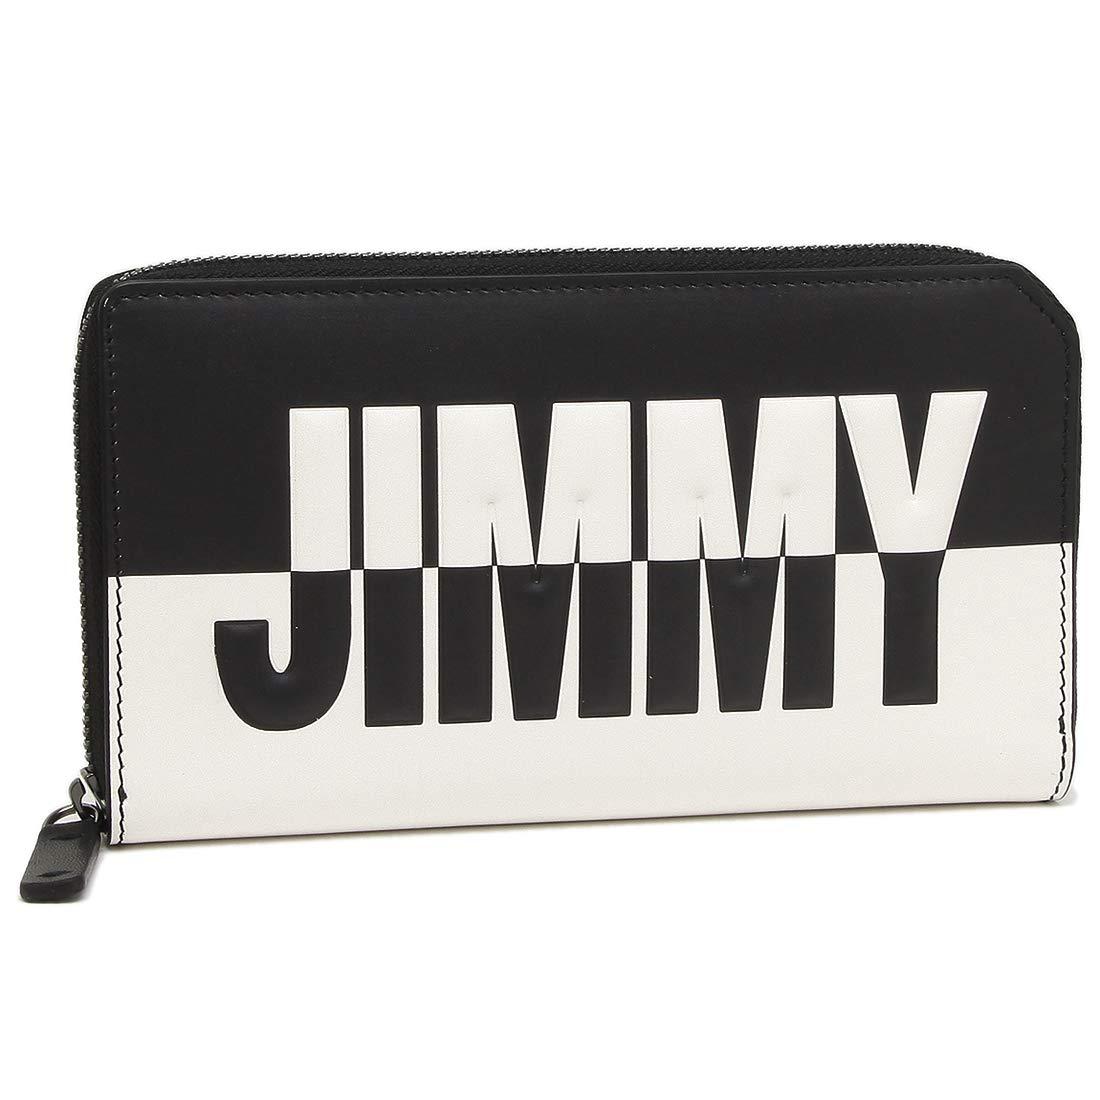 [ジミーチュウ]長財布 メンズ JIMMY CHOO CARNABY BBM ブラック ホワイト [並行輸入品] B07P8Y1VY6